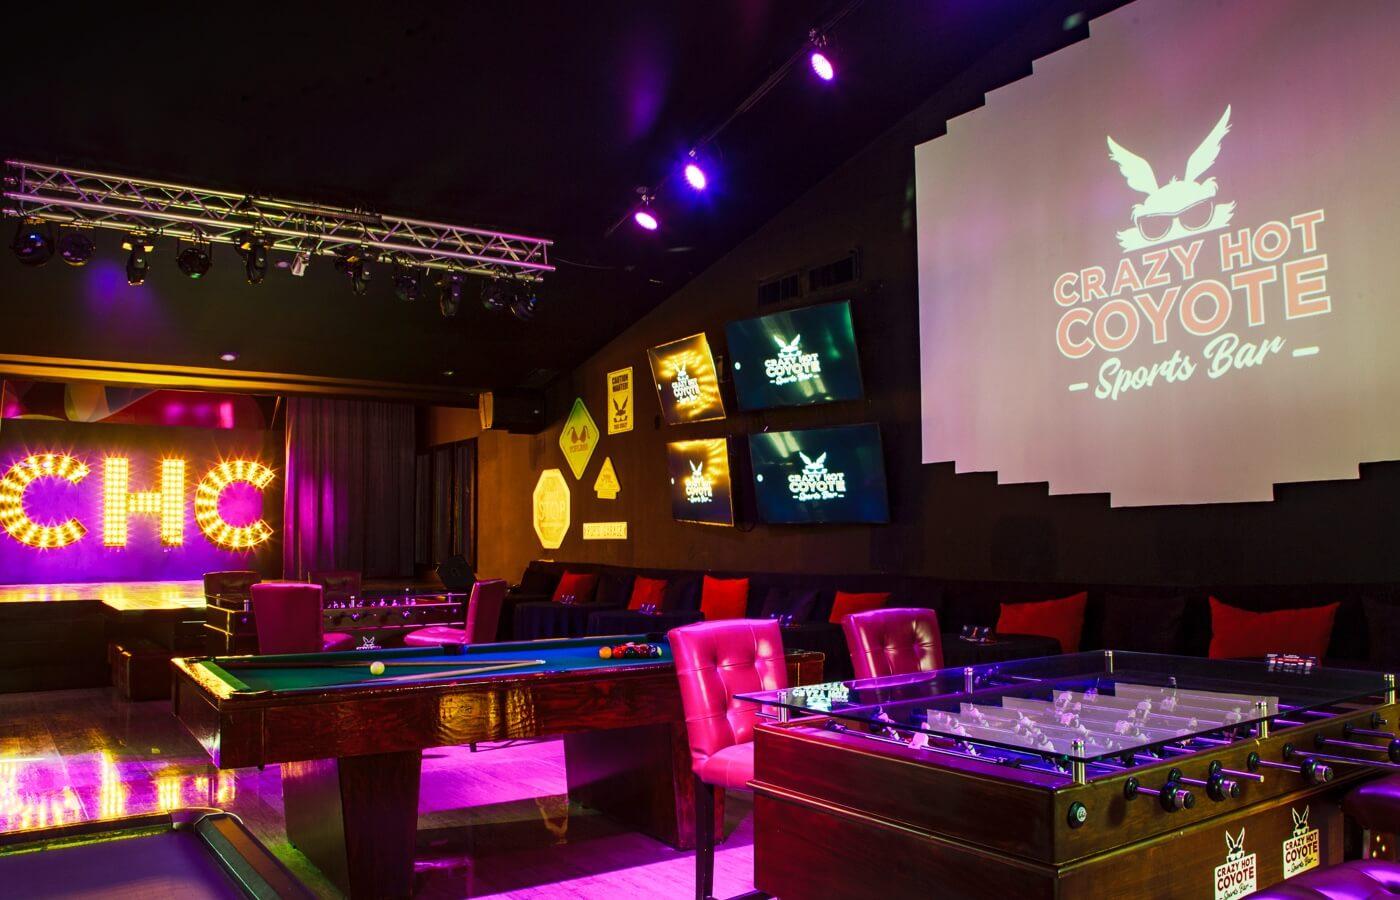 Vista interior de Crazy Hot Coyote Sports Bar con luces y mesas de juego